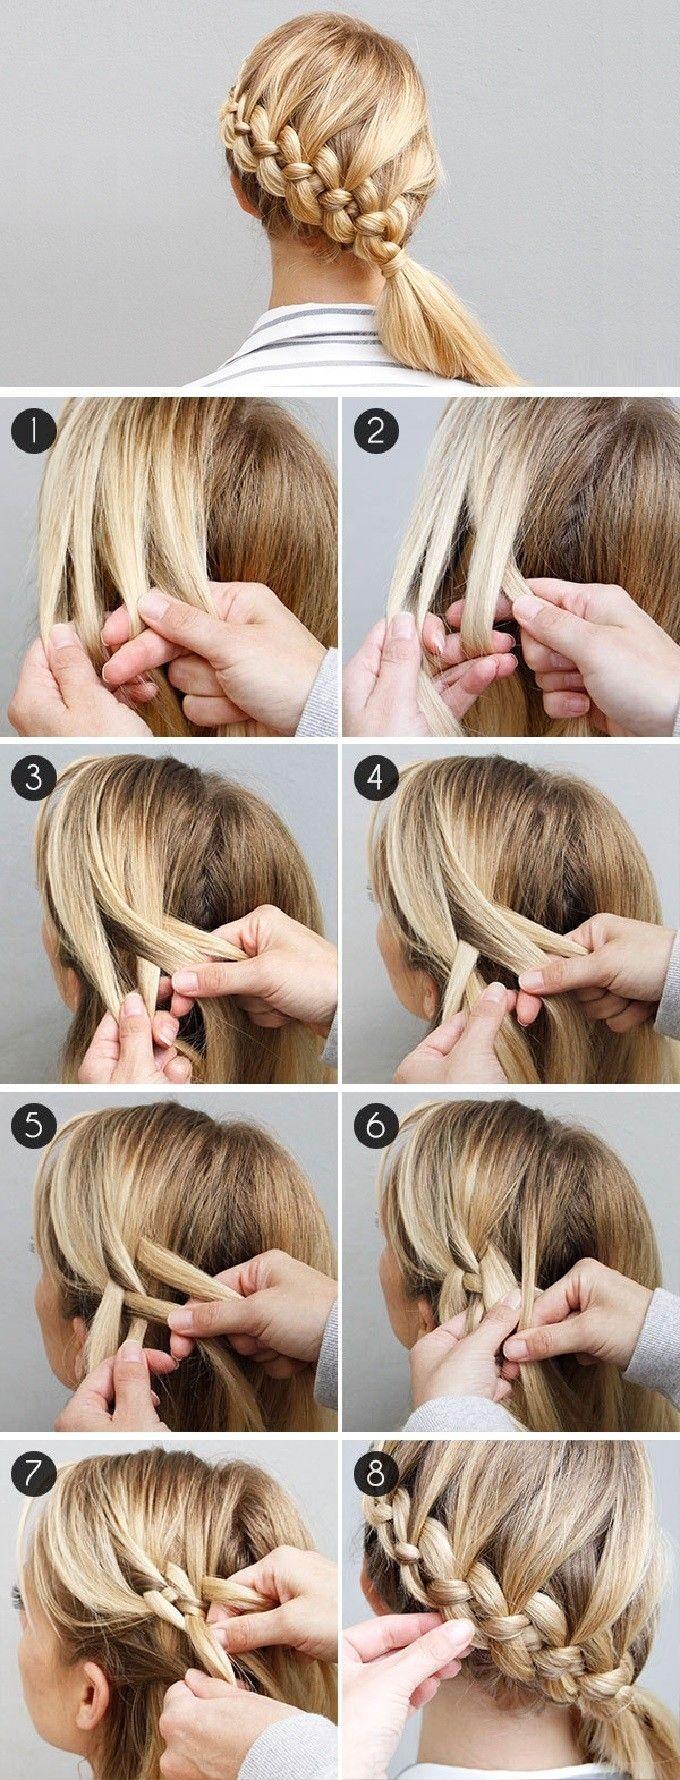 Surprising 1000 Ideas About 4 Strand Braids On Pinterest Braids Fishtail Short Hairstyles Gunalazisus